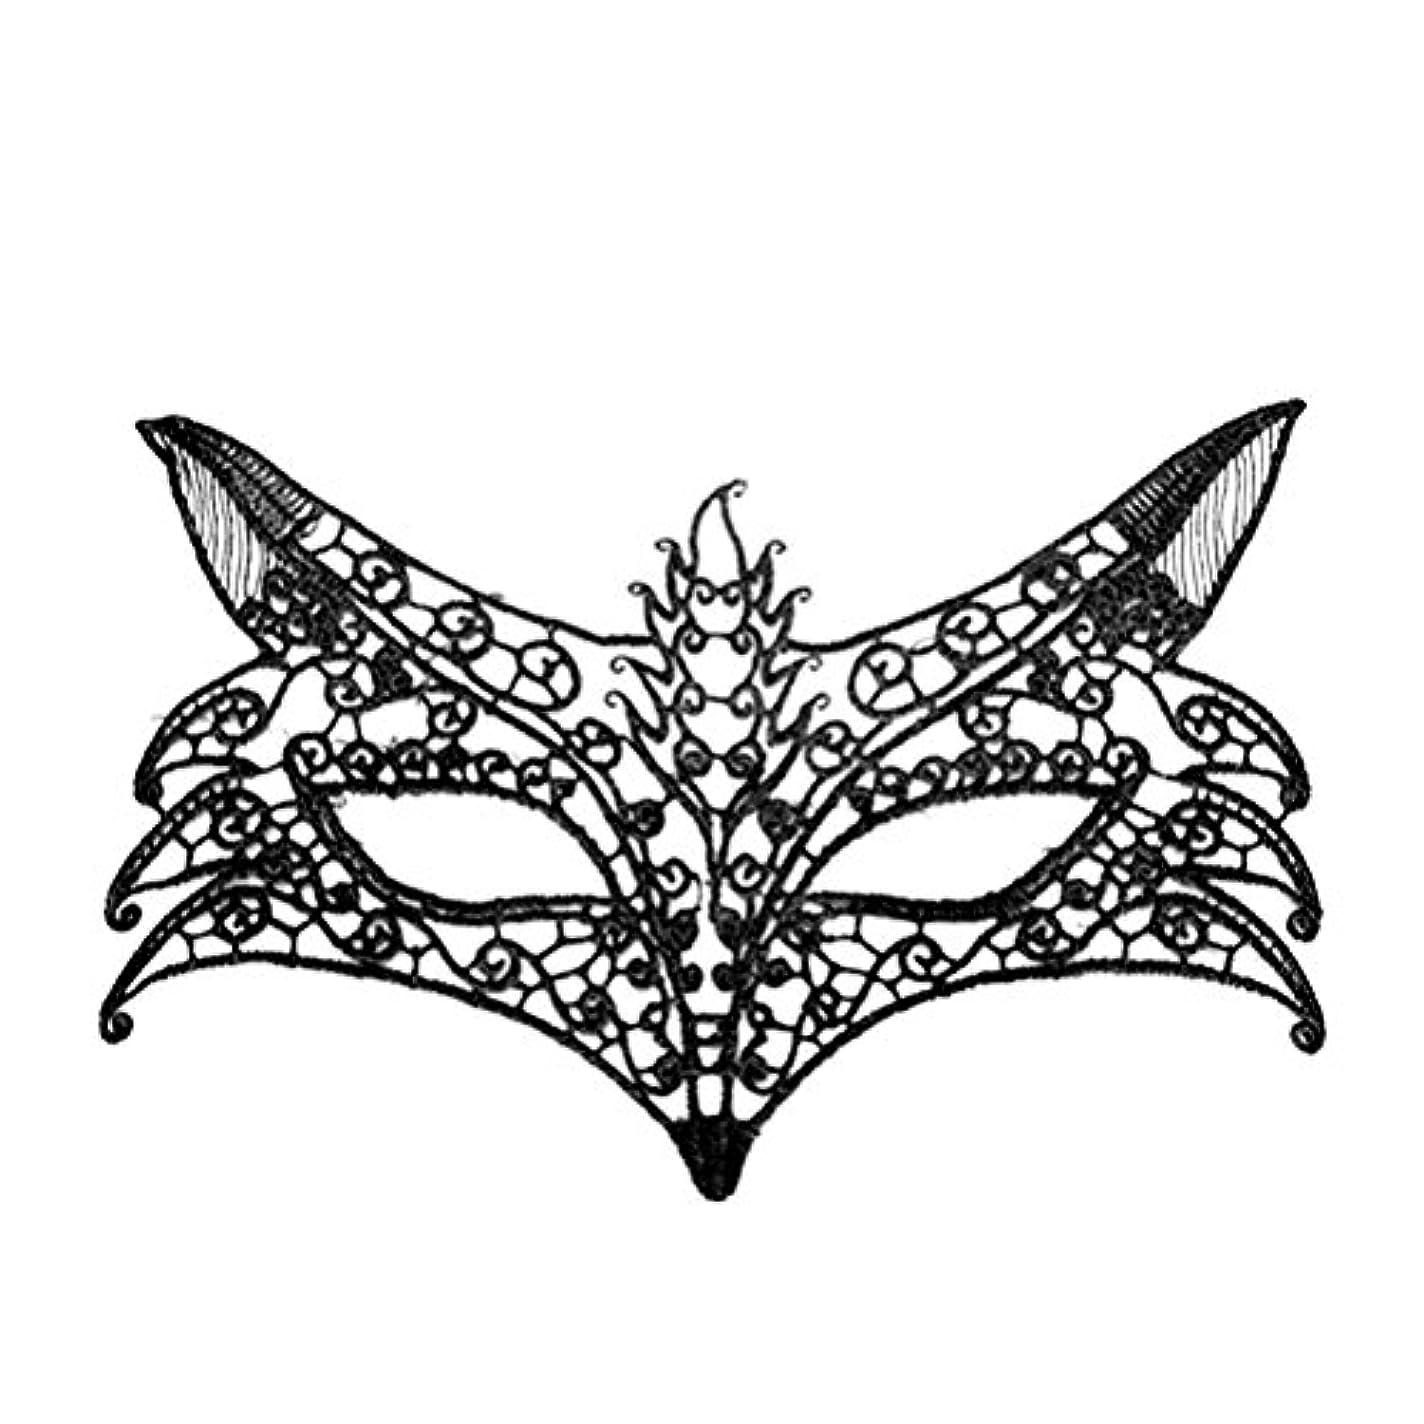 騒ぎ引き金記事AMOSFUN キツネの形をしたレースパーティーマスクイブニングパーティーウエディングマスカレードマスク(ブラック)